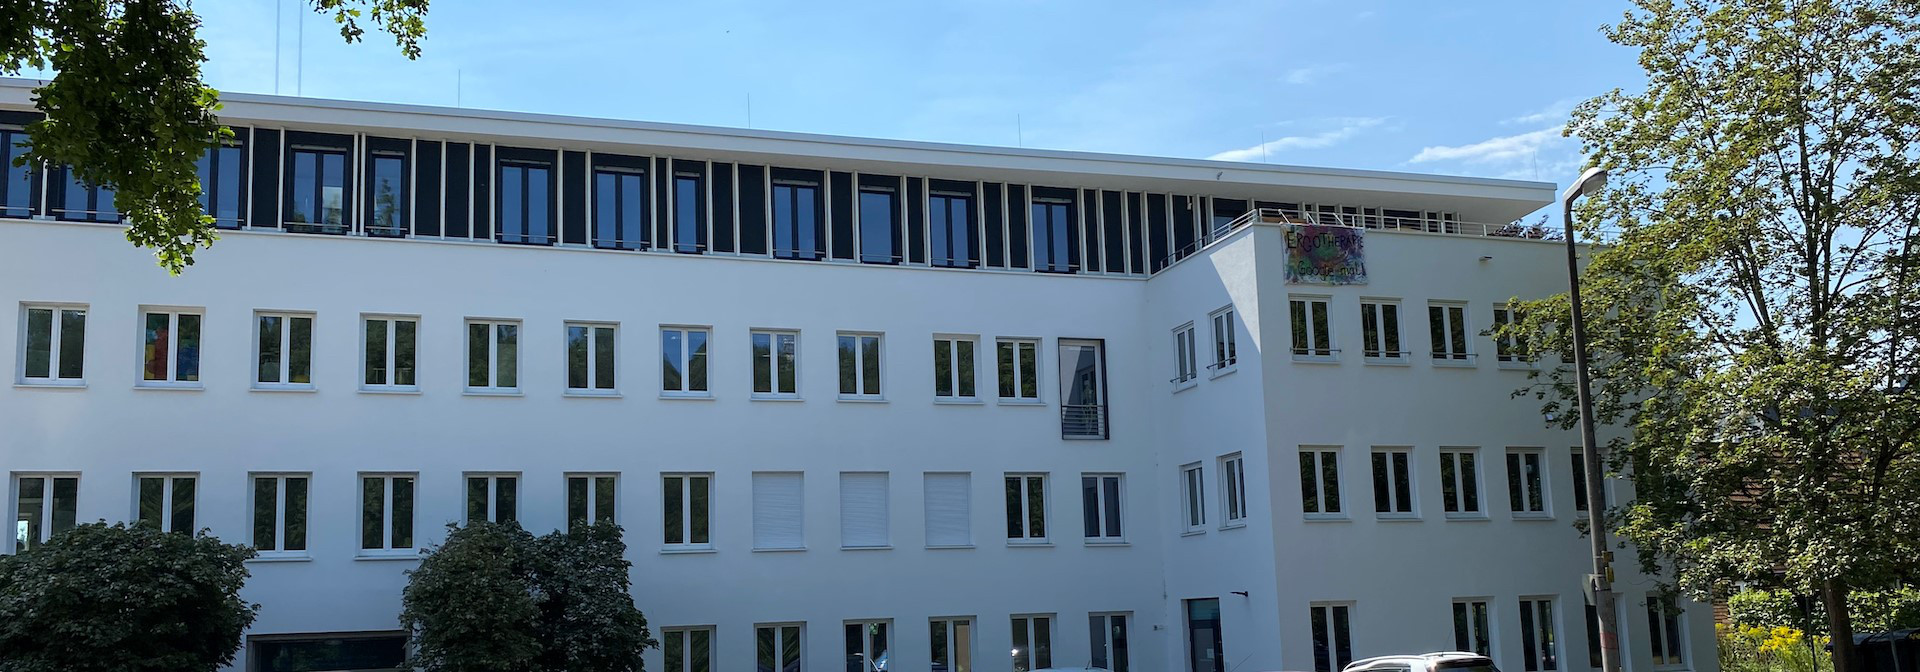 Standort Tübingen